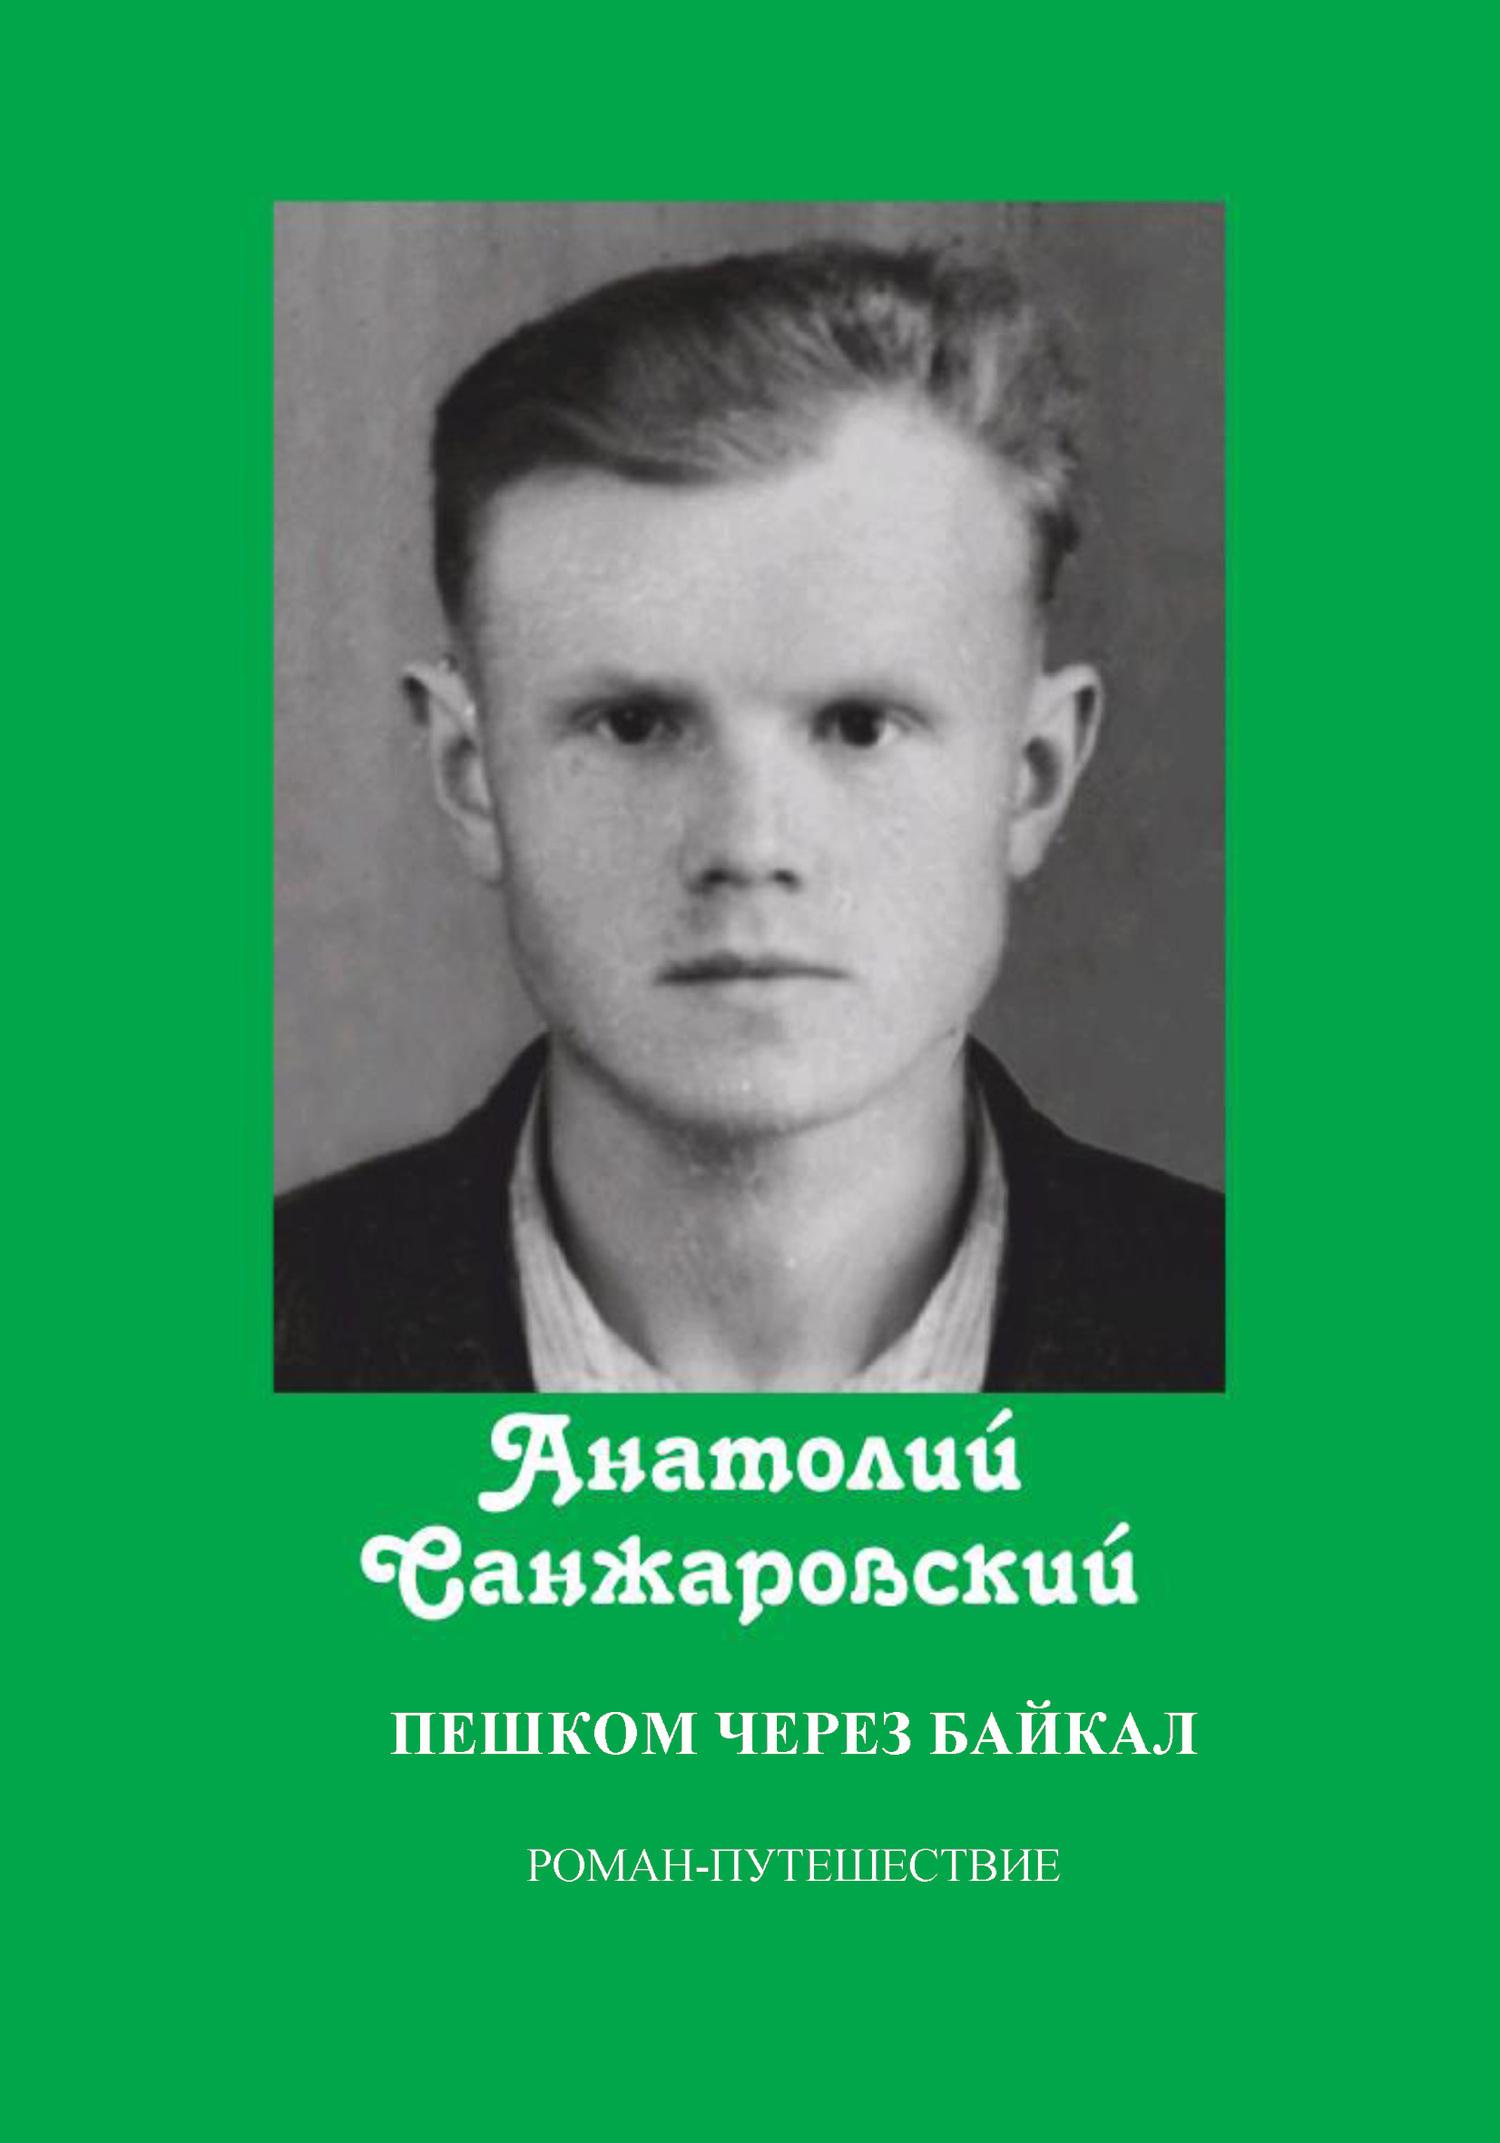 Анатолий Санжаровский - Пешком через Байкал